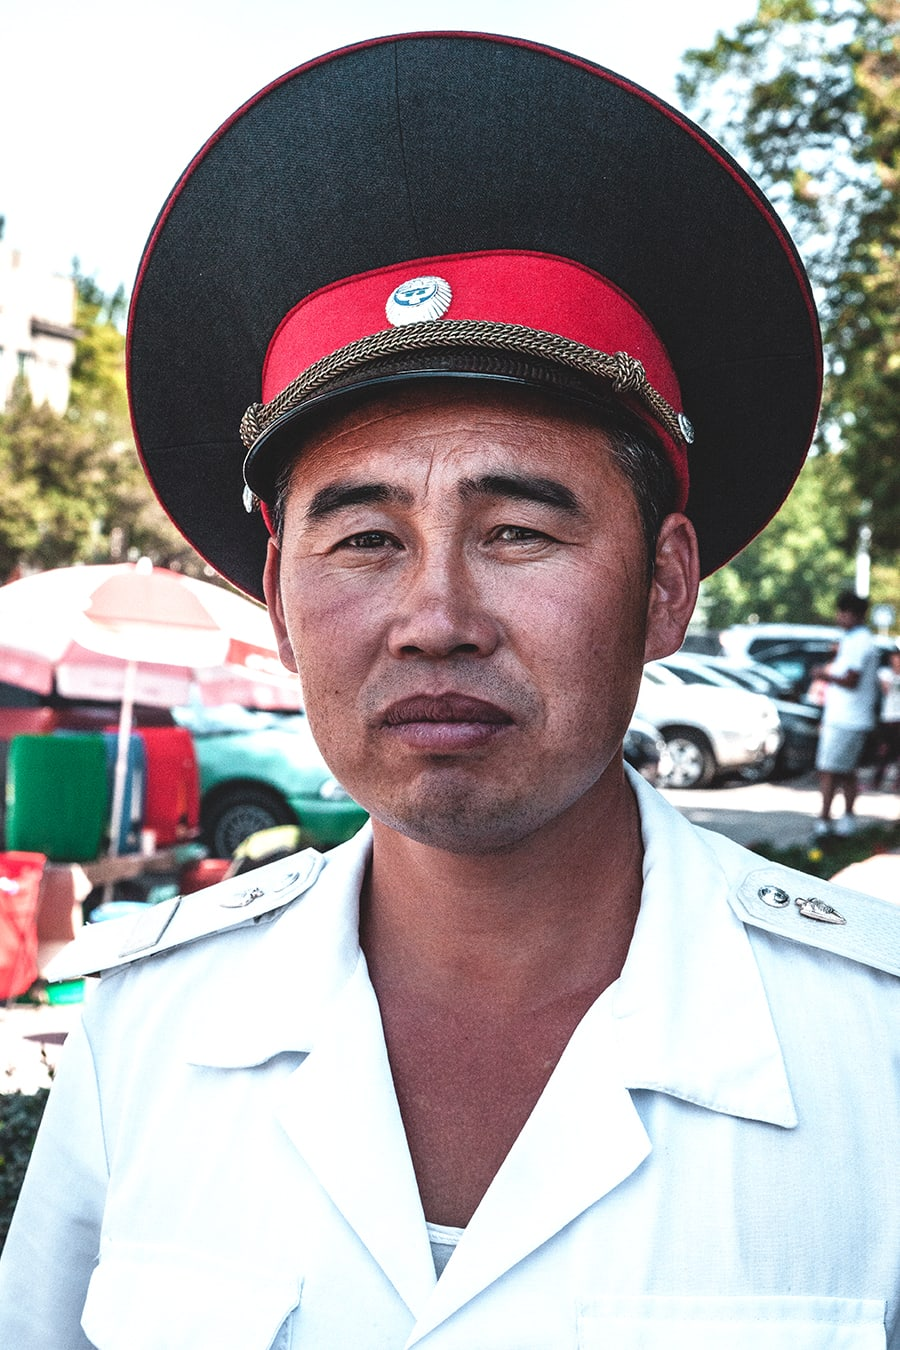 A policeman in Krygyzstan's capital Bishkek.